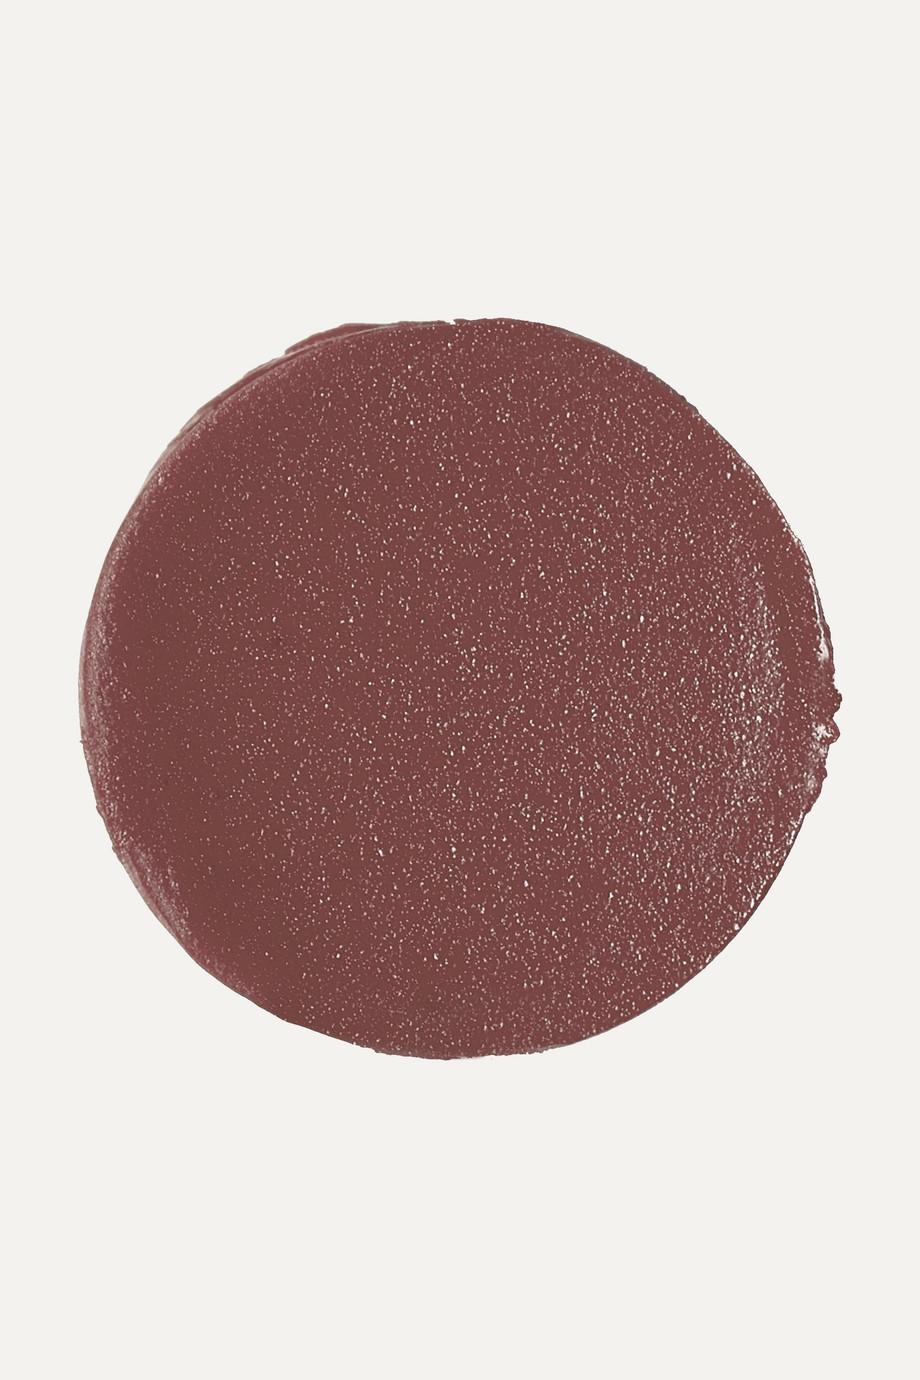 Gucci Beauty Rouge à Lèvres Satin - Peggy Taupe 204